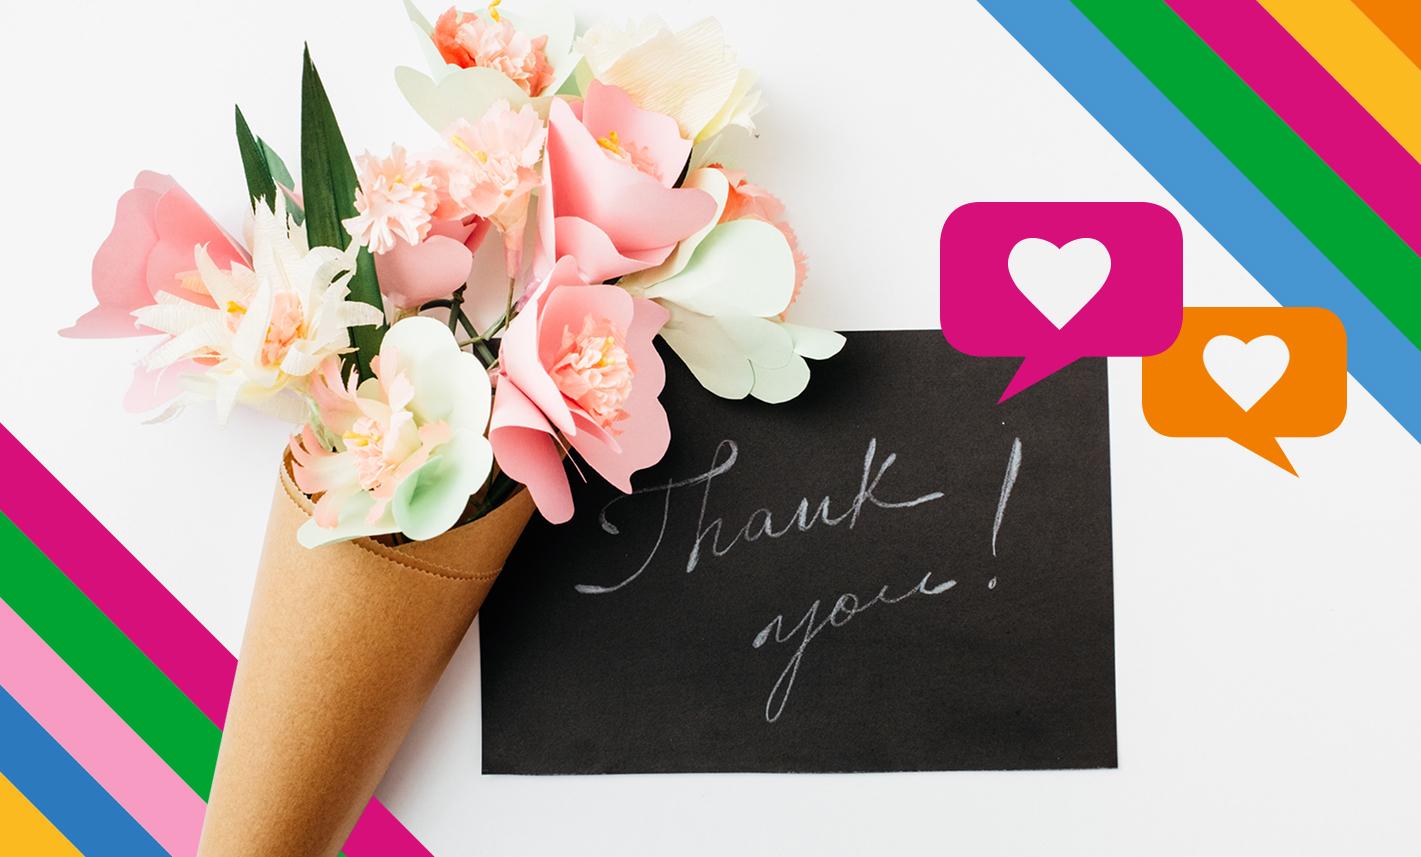 Papierblumenstrauß und Thank you Kärtchen